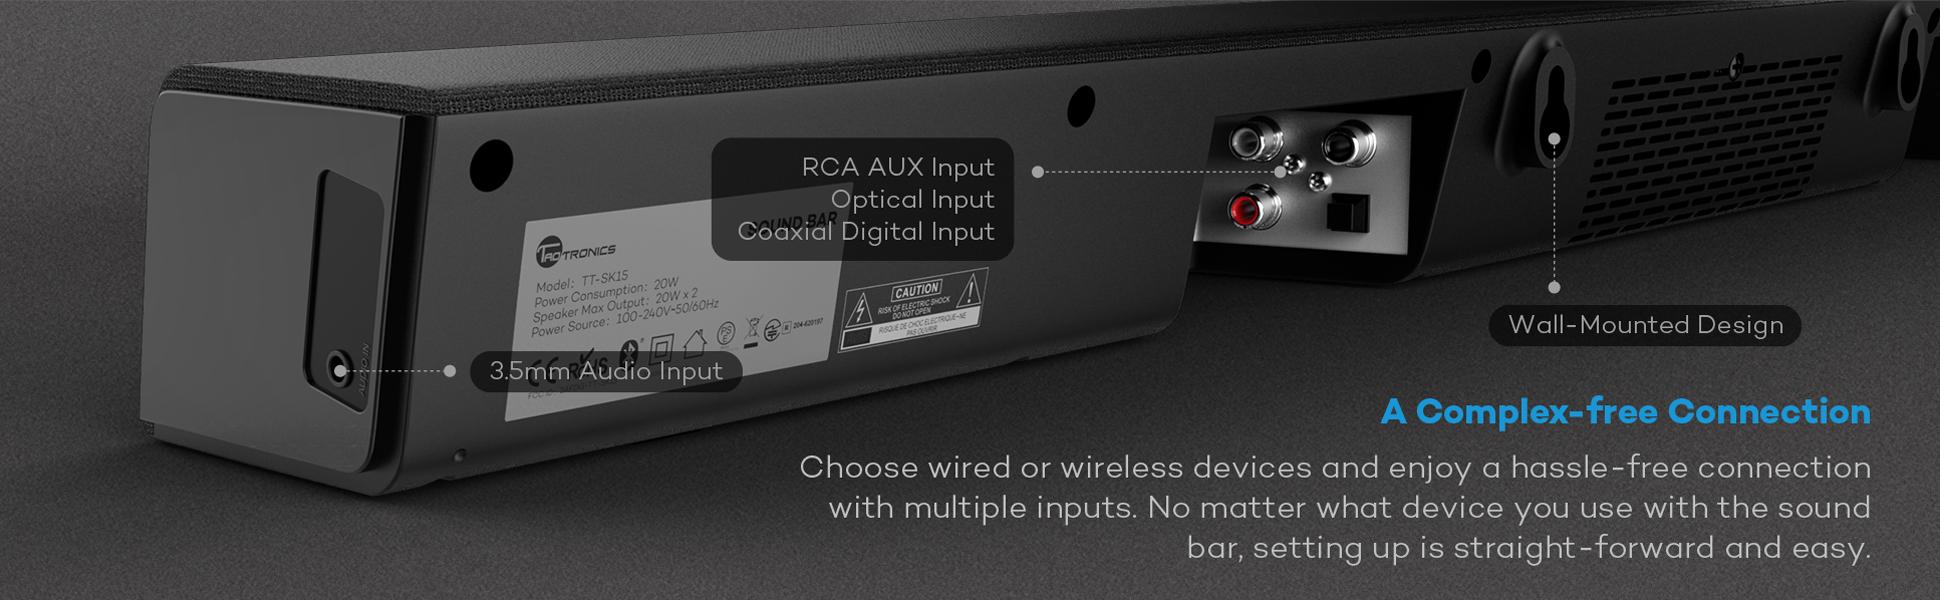 Amazon.com: Soundbar, TaoTronics Sound Bar Wired Wireless Bluetooth ...